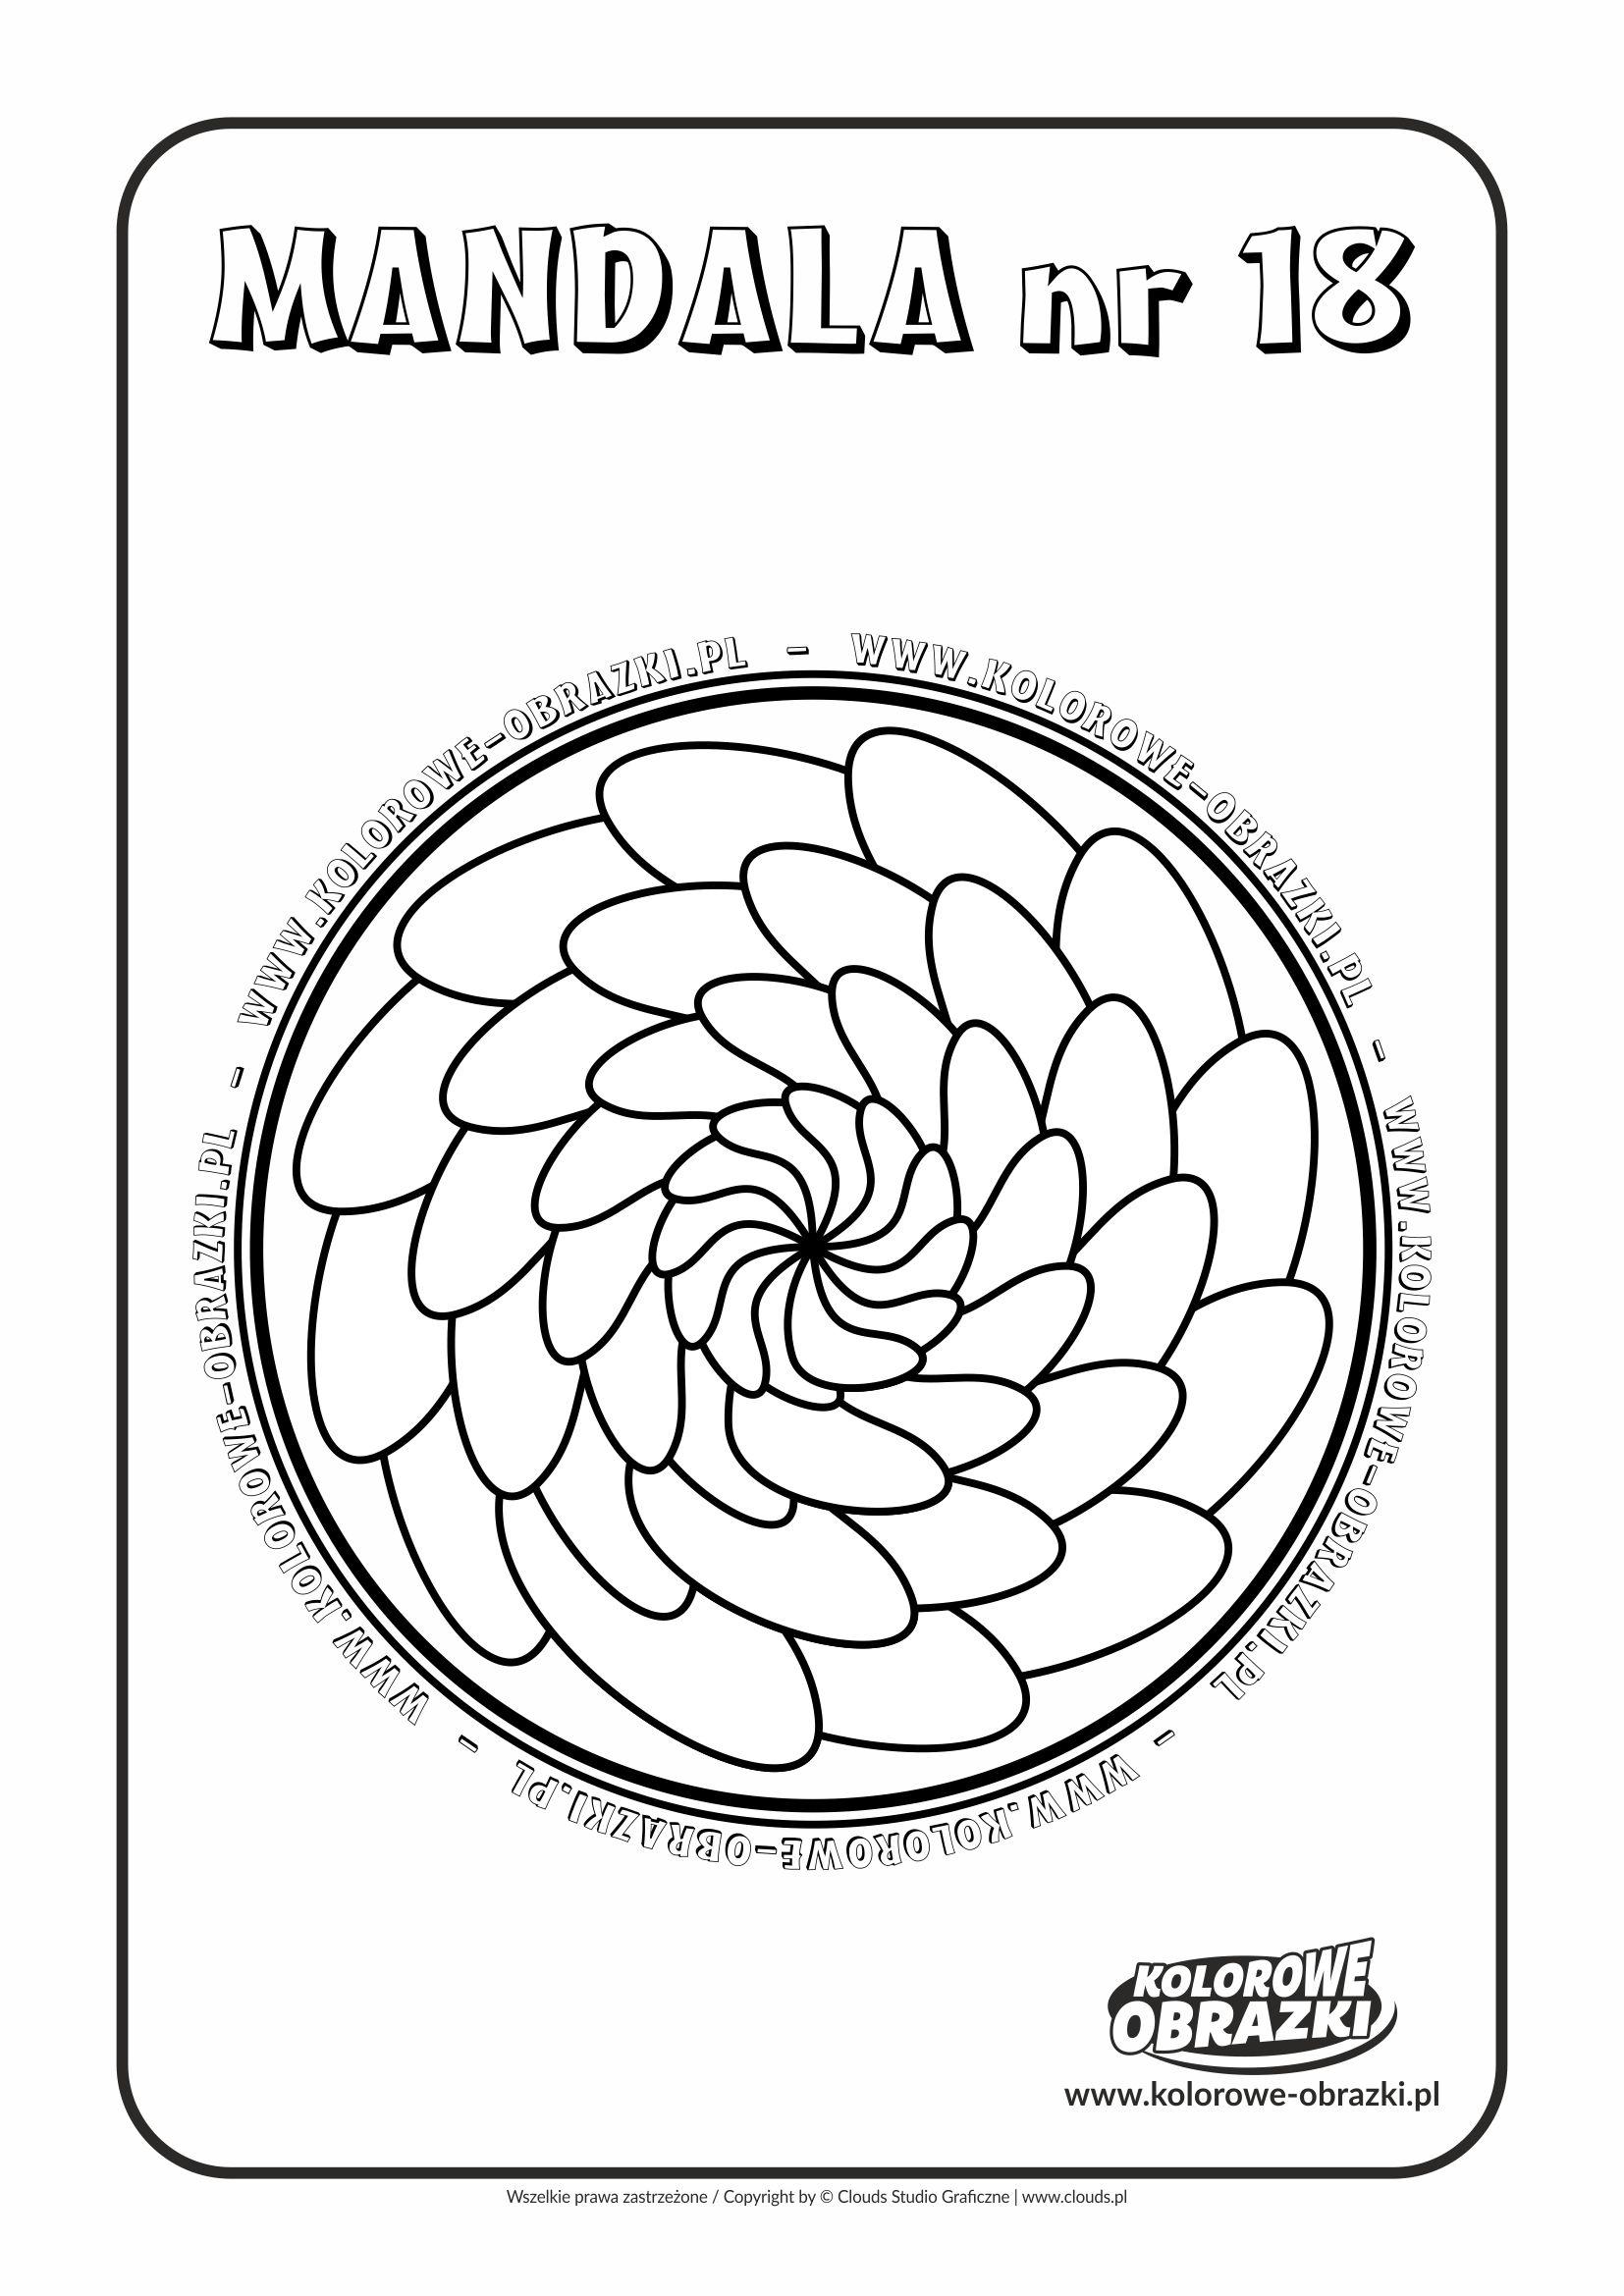 Kolorowanki dla dzieci - Mandale / Mandala nr 18. Kolorowanka z mandalą